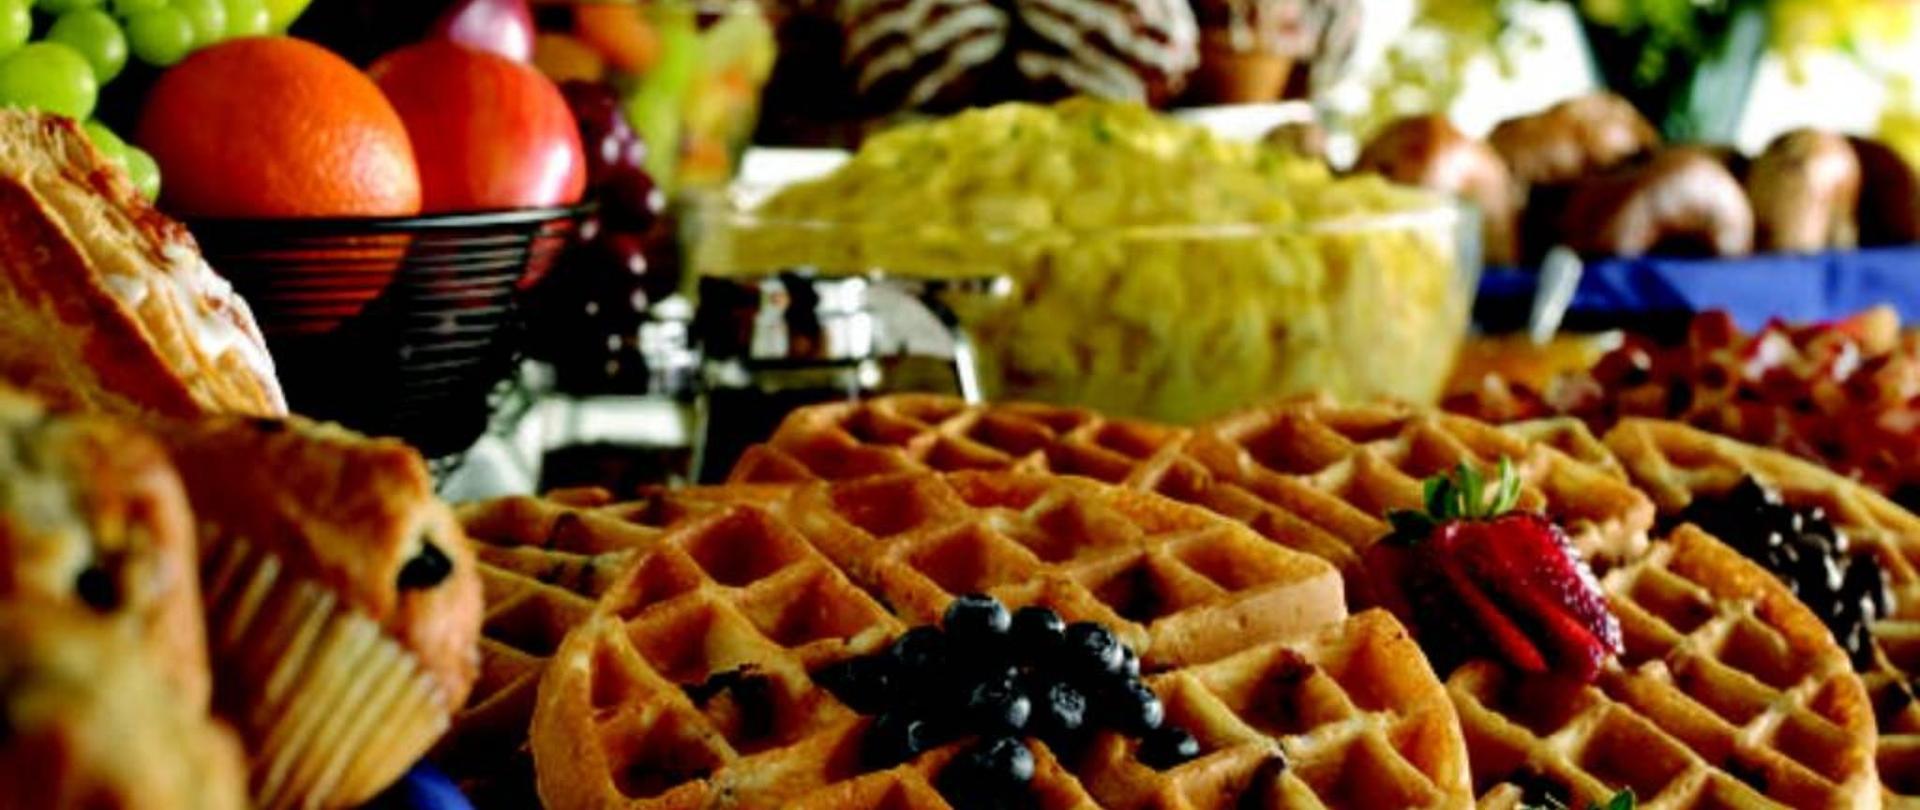 04-free-breakfast-for-a-wonderful-wake-up.jpg.1024x0.jpg